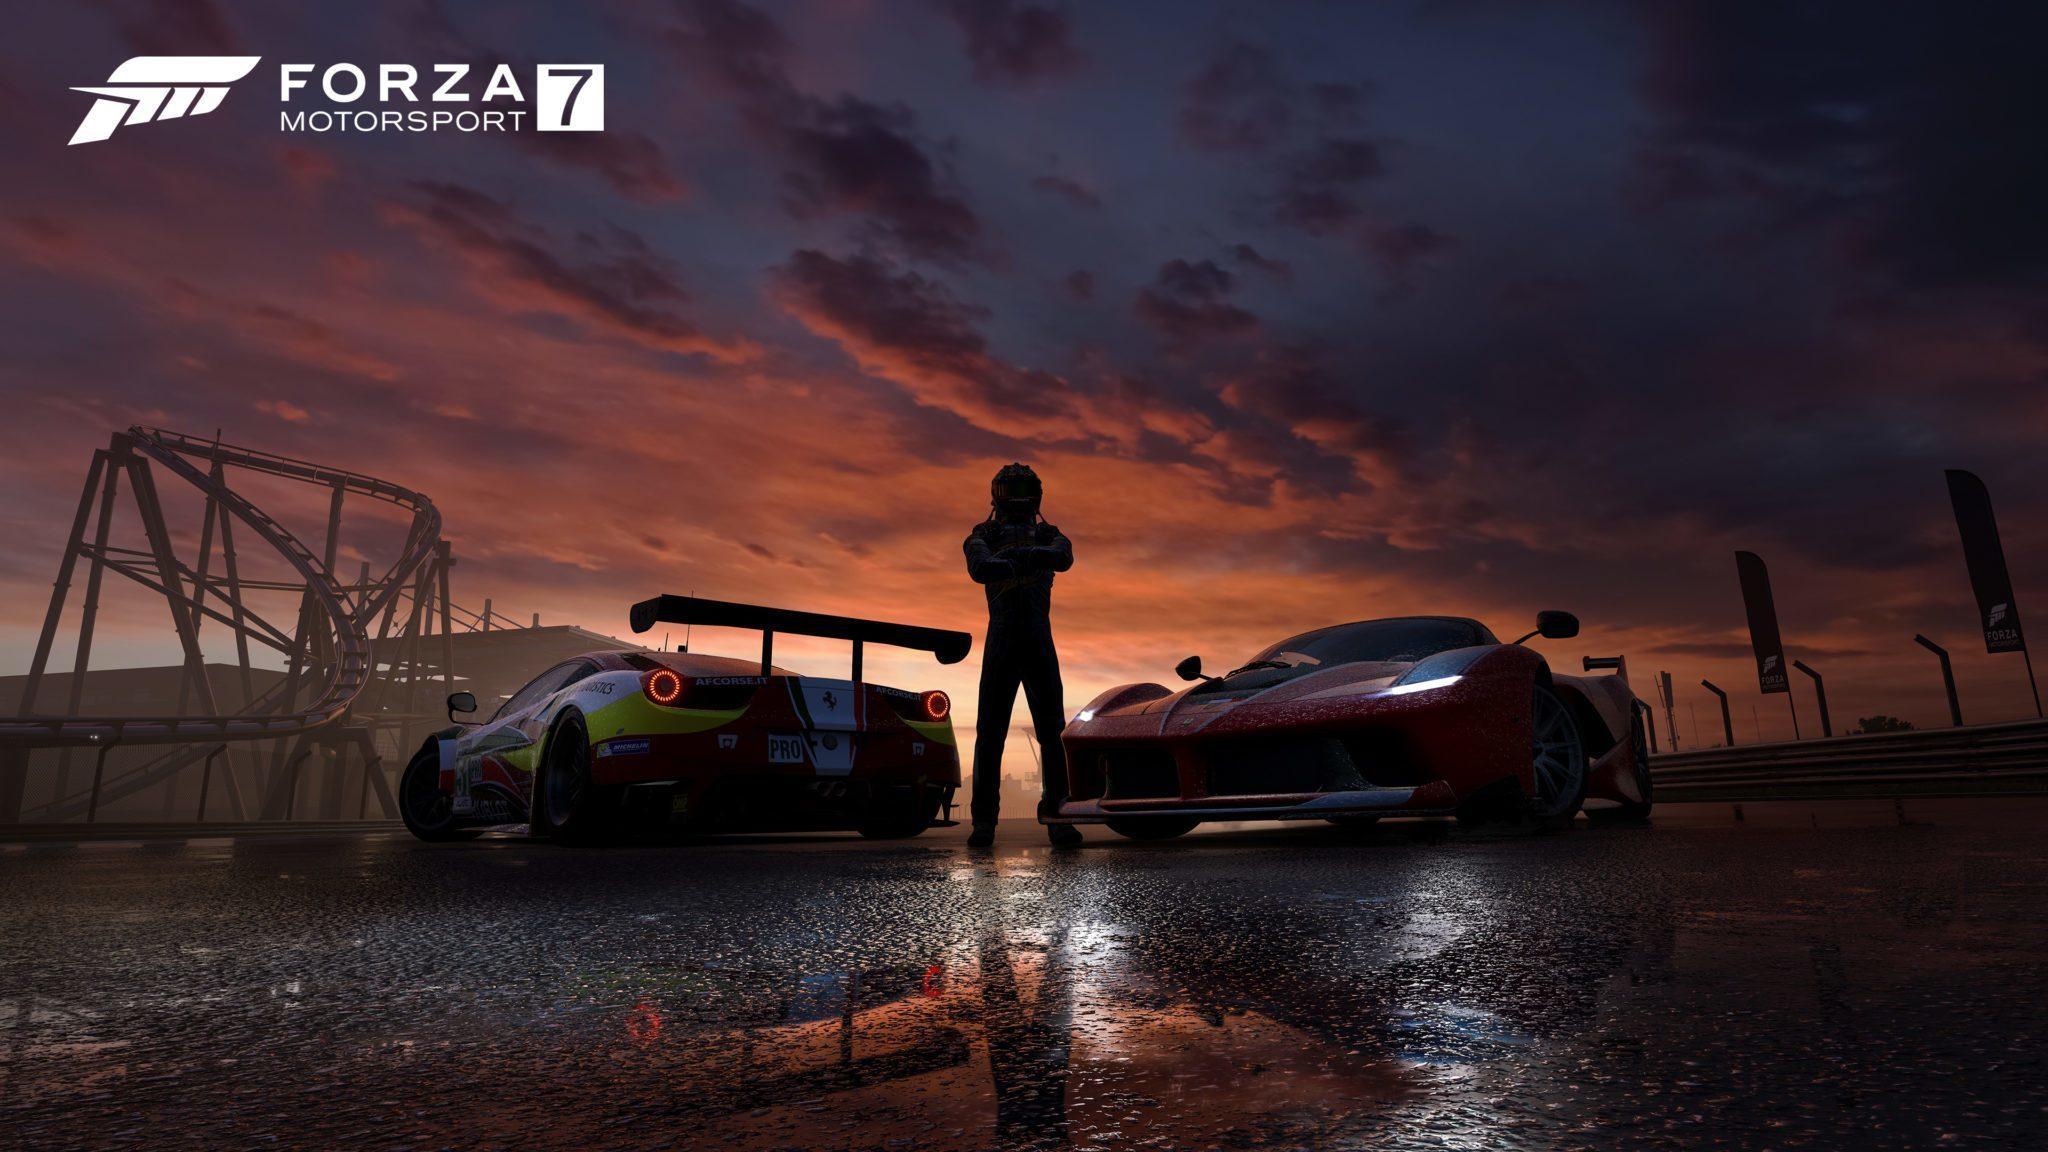 https://www.gtplanet.net/wp-content/uploads/2017/06/Forza-7_Ferrari-Sunset_4K.jpg